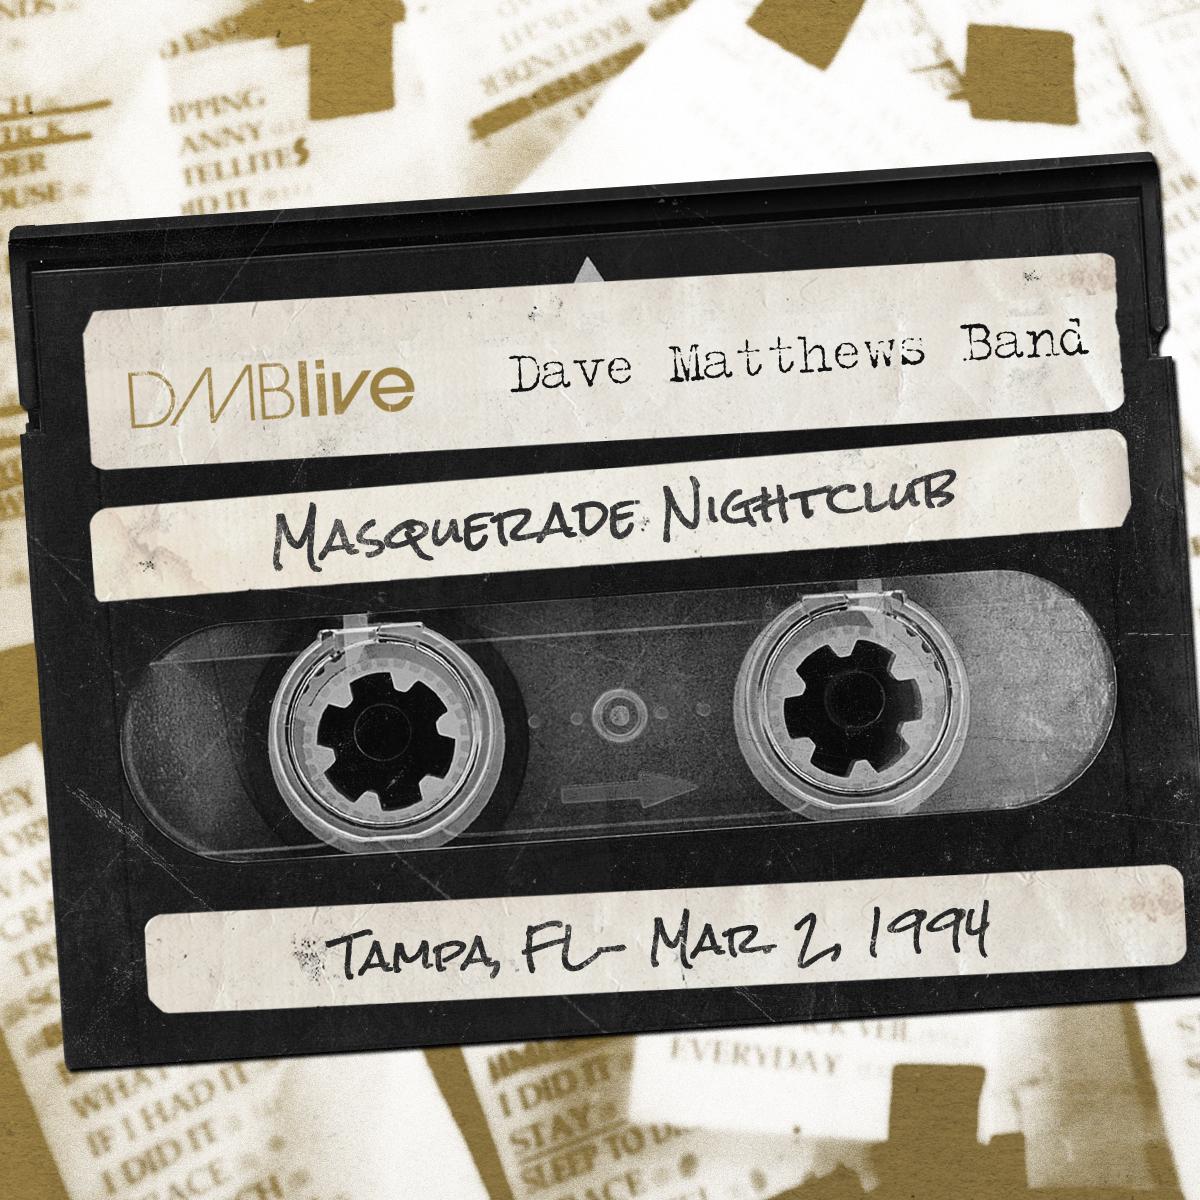 DMBLive Masquerade Nightclub, Tampa, FL 3/2/1994